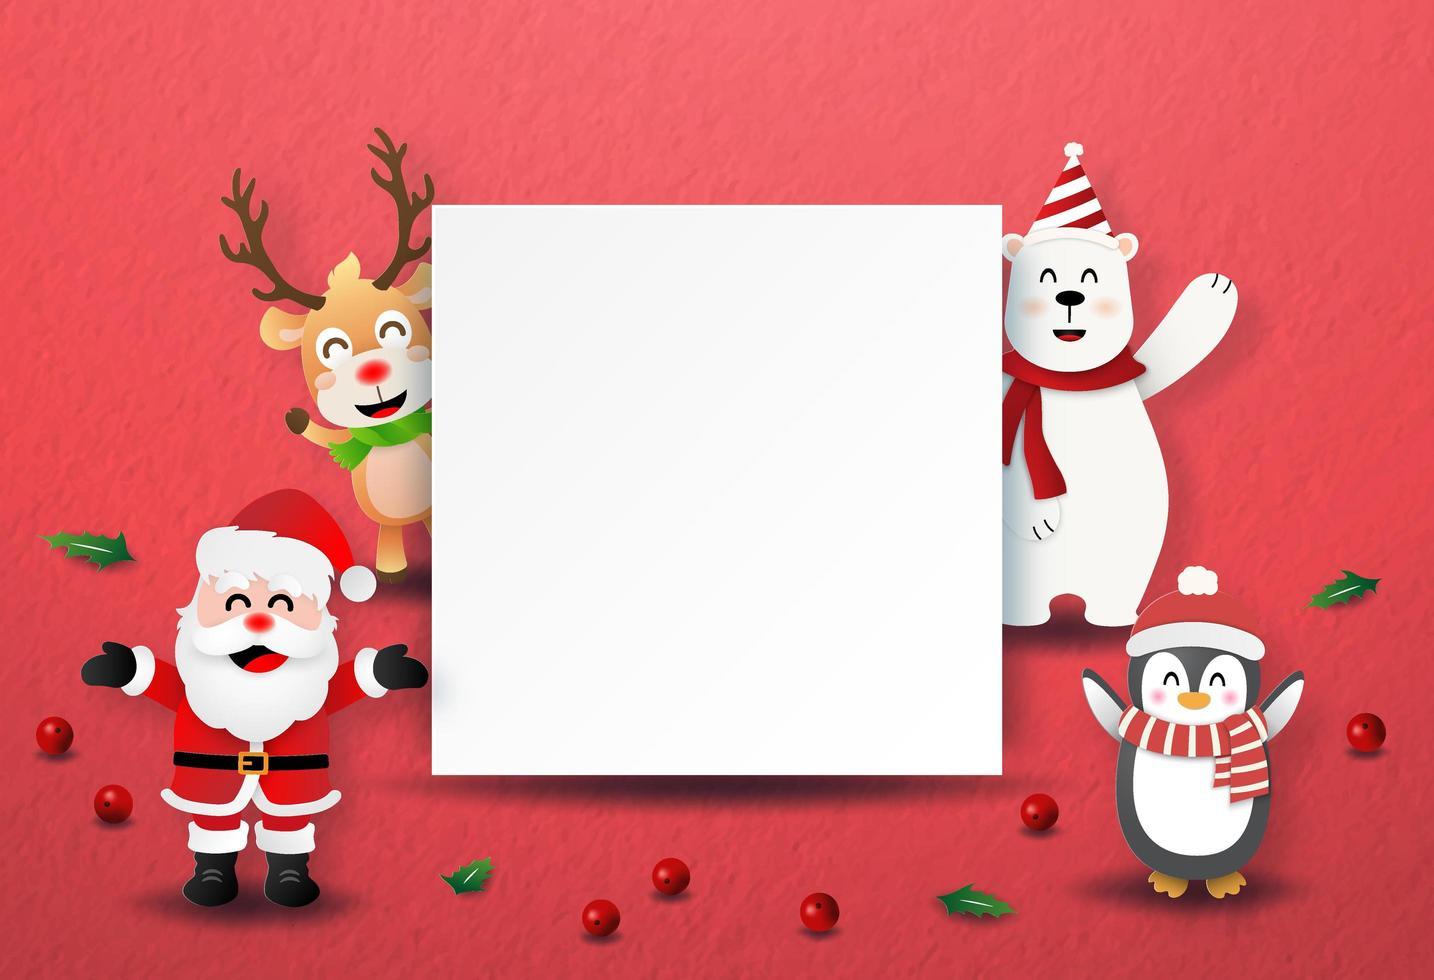 Origami Papier Kunst Stil Santa Claus und Weihnachtsfiguren mit leerem Etikett vektor